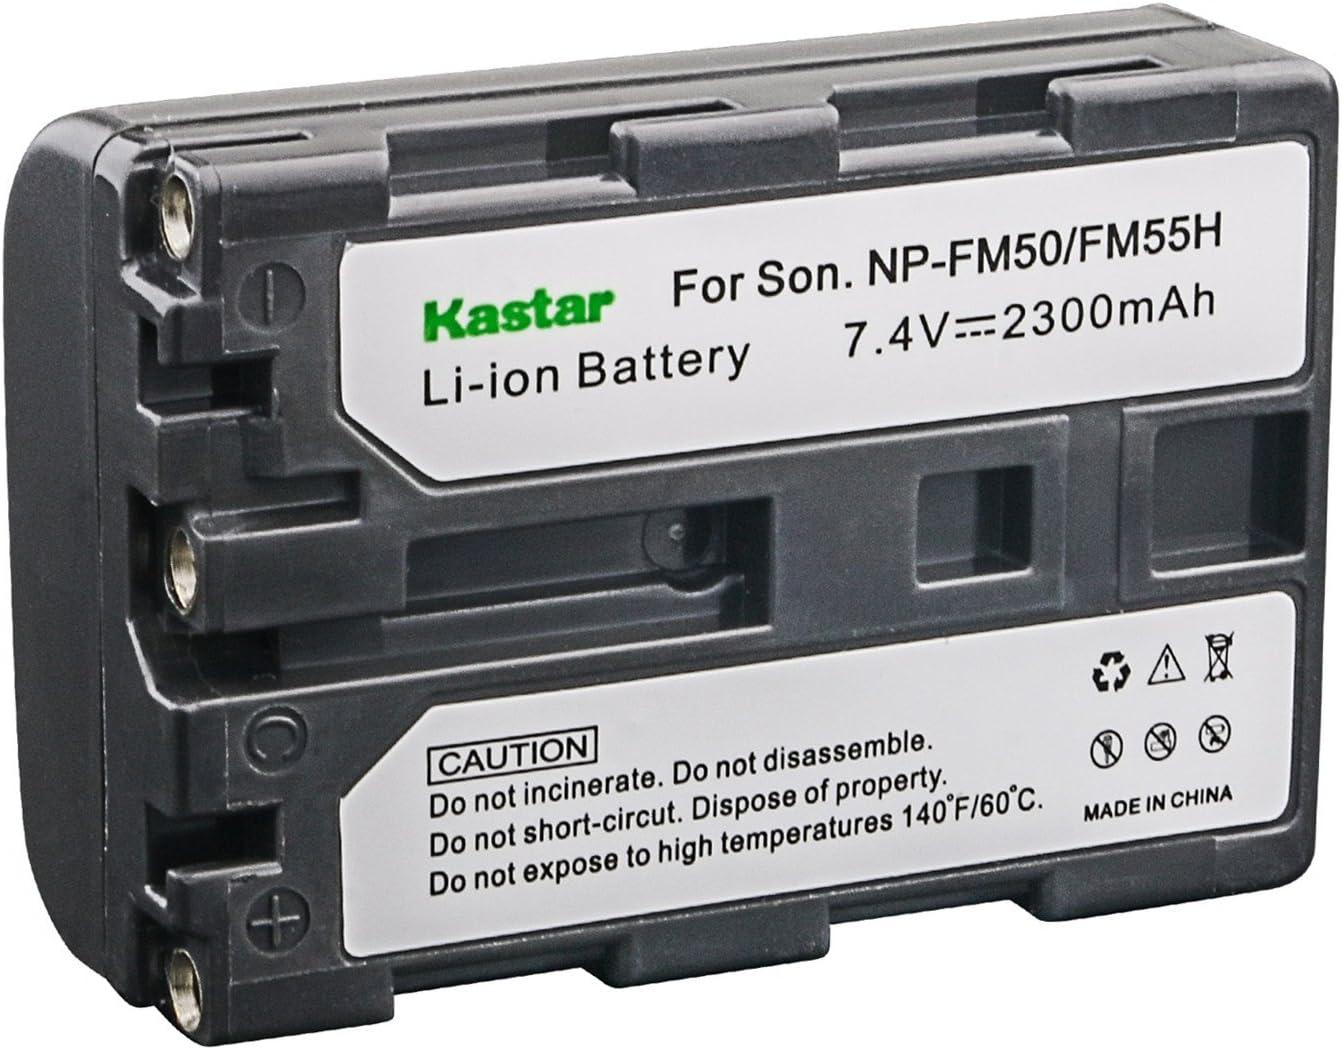 2x NP-FM70 Battery Charger+BONUS for Sony DCR-TRV10 TRV20 TRV230 TRV260 TRV30